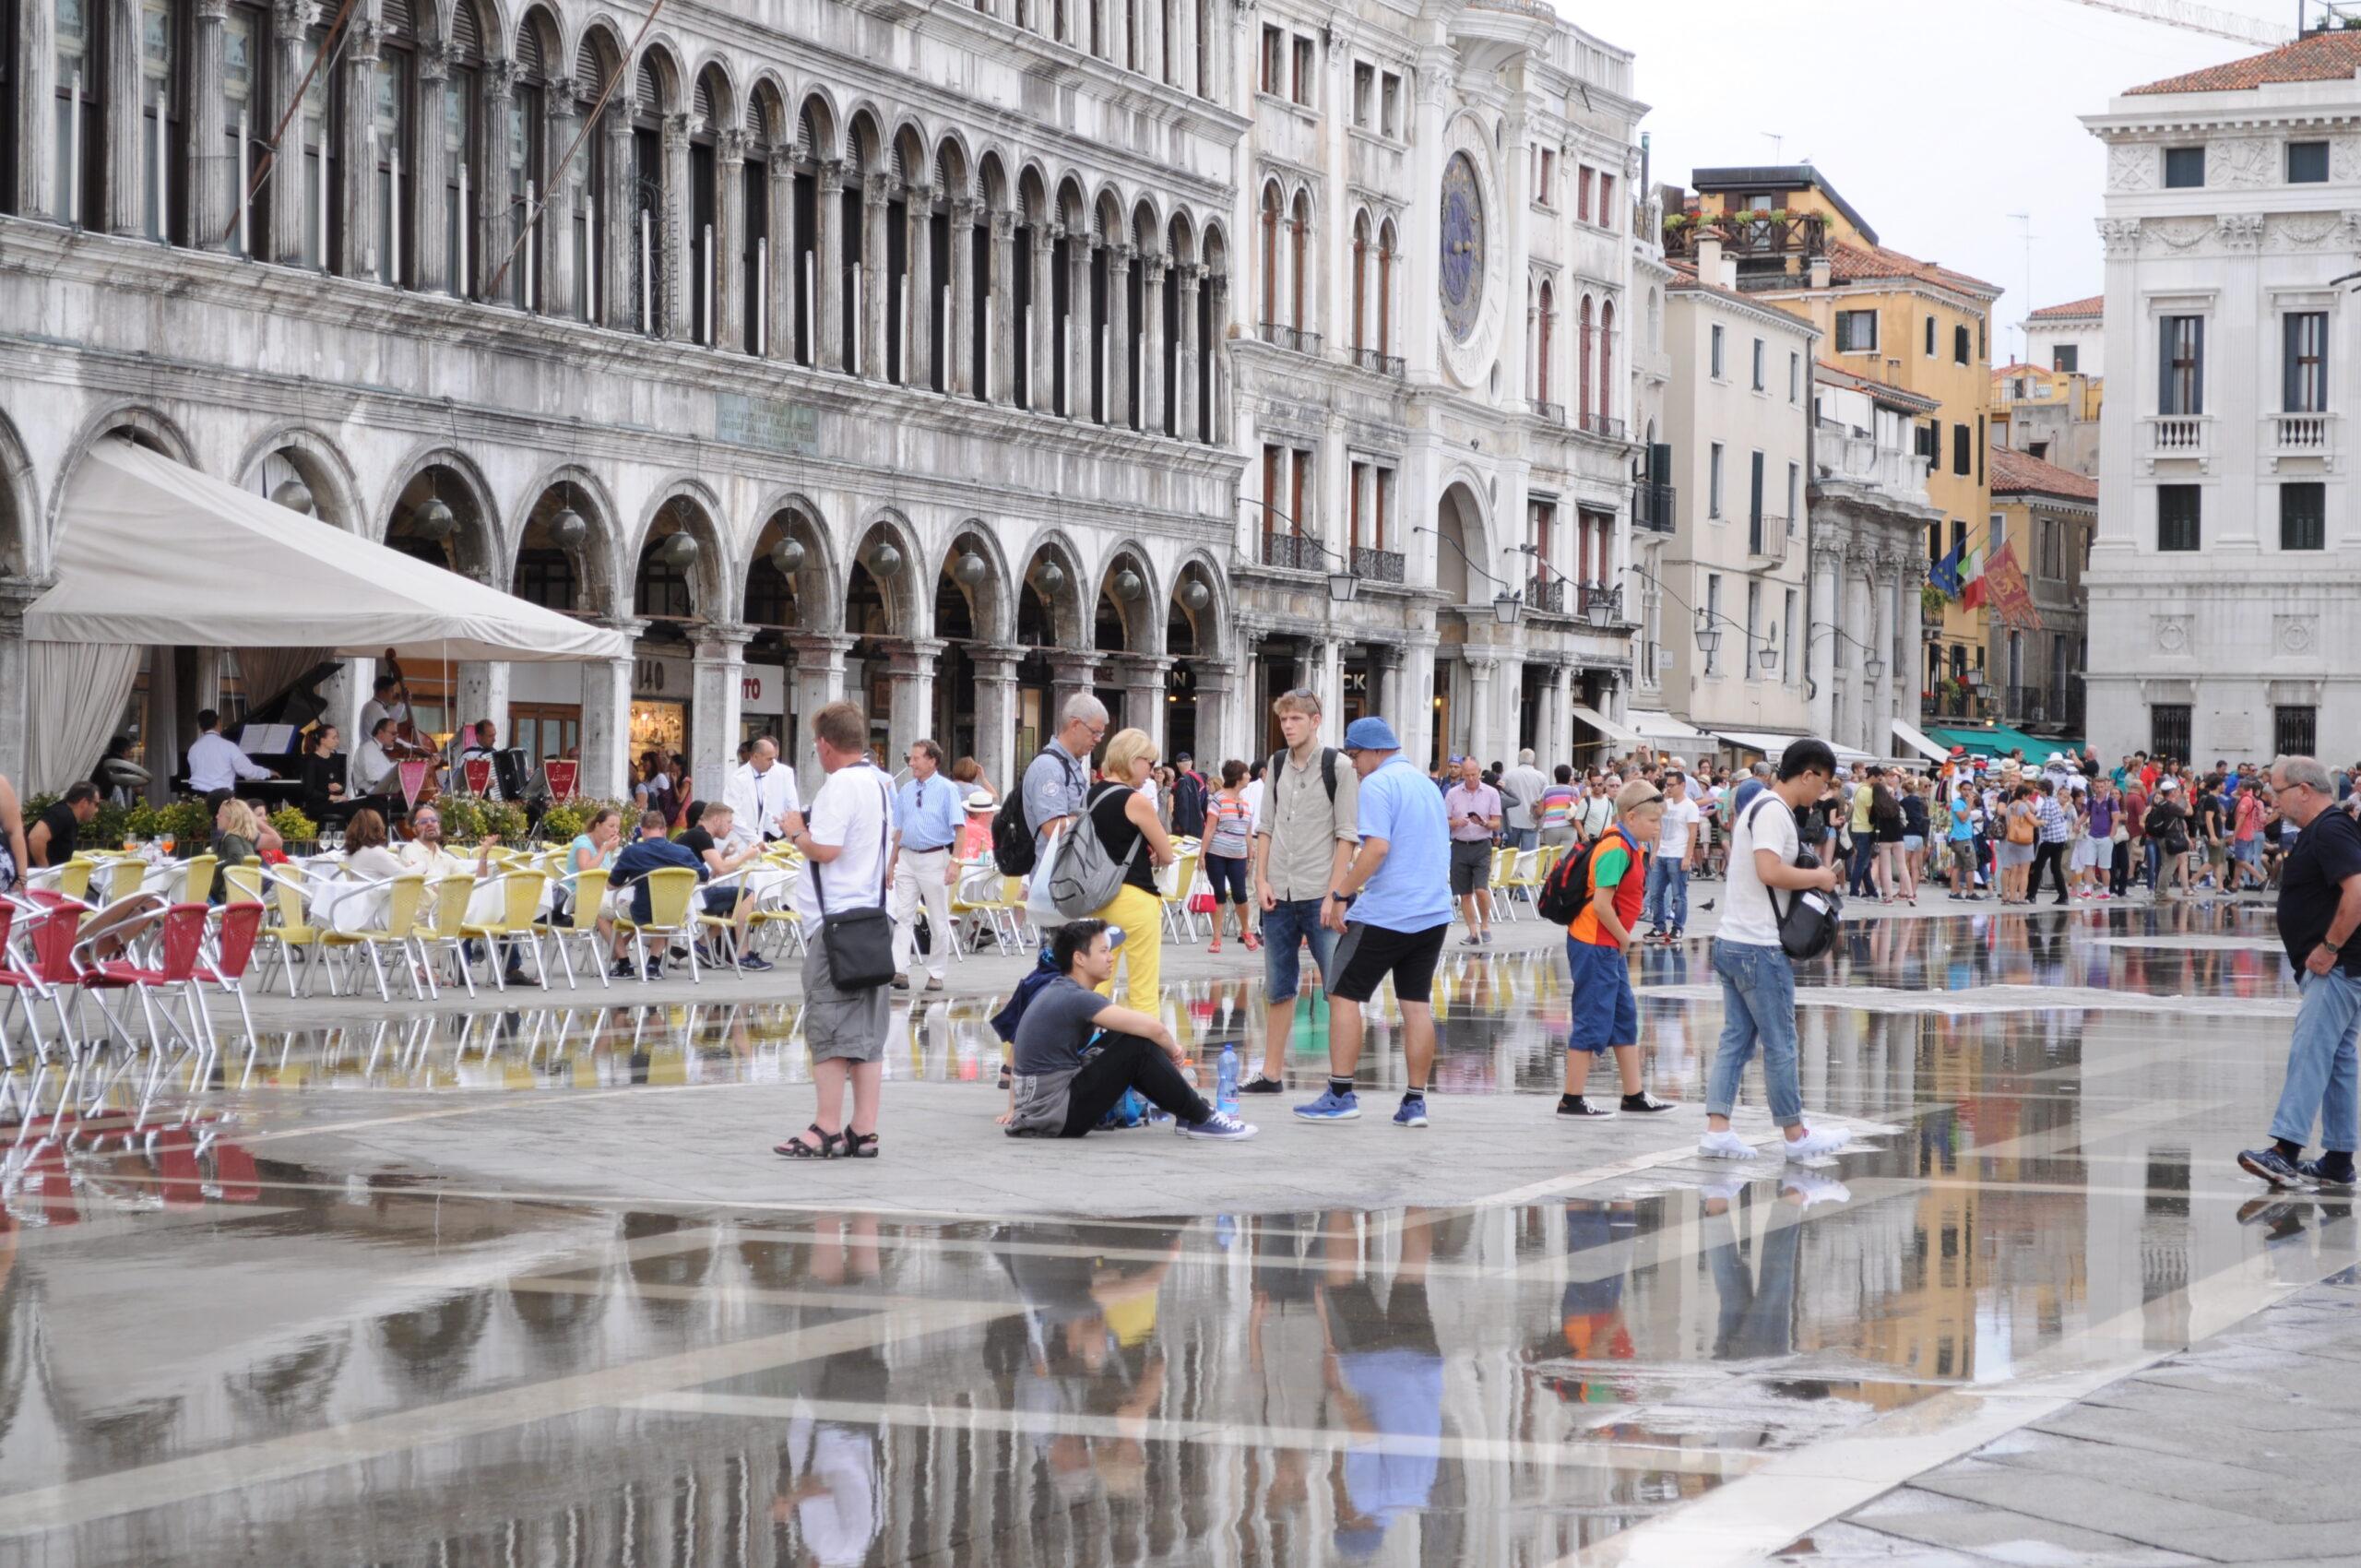 Il Corriere Del Veneto 21.07.2020: Acqua Alta E Covid Per Ripensare Una Nuova Città